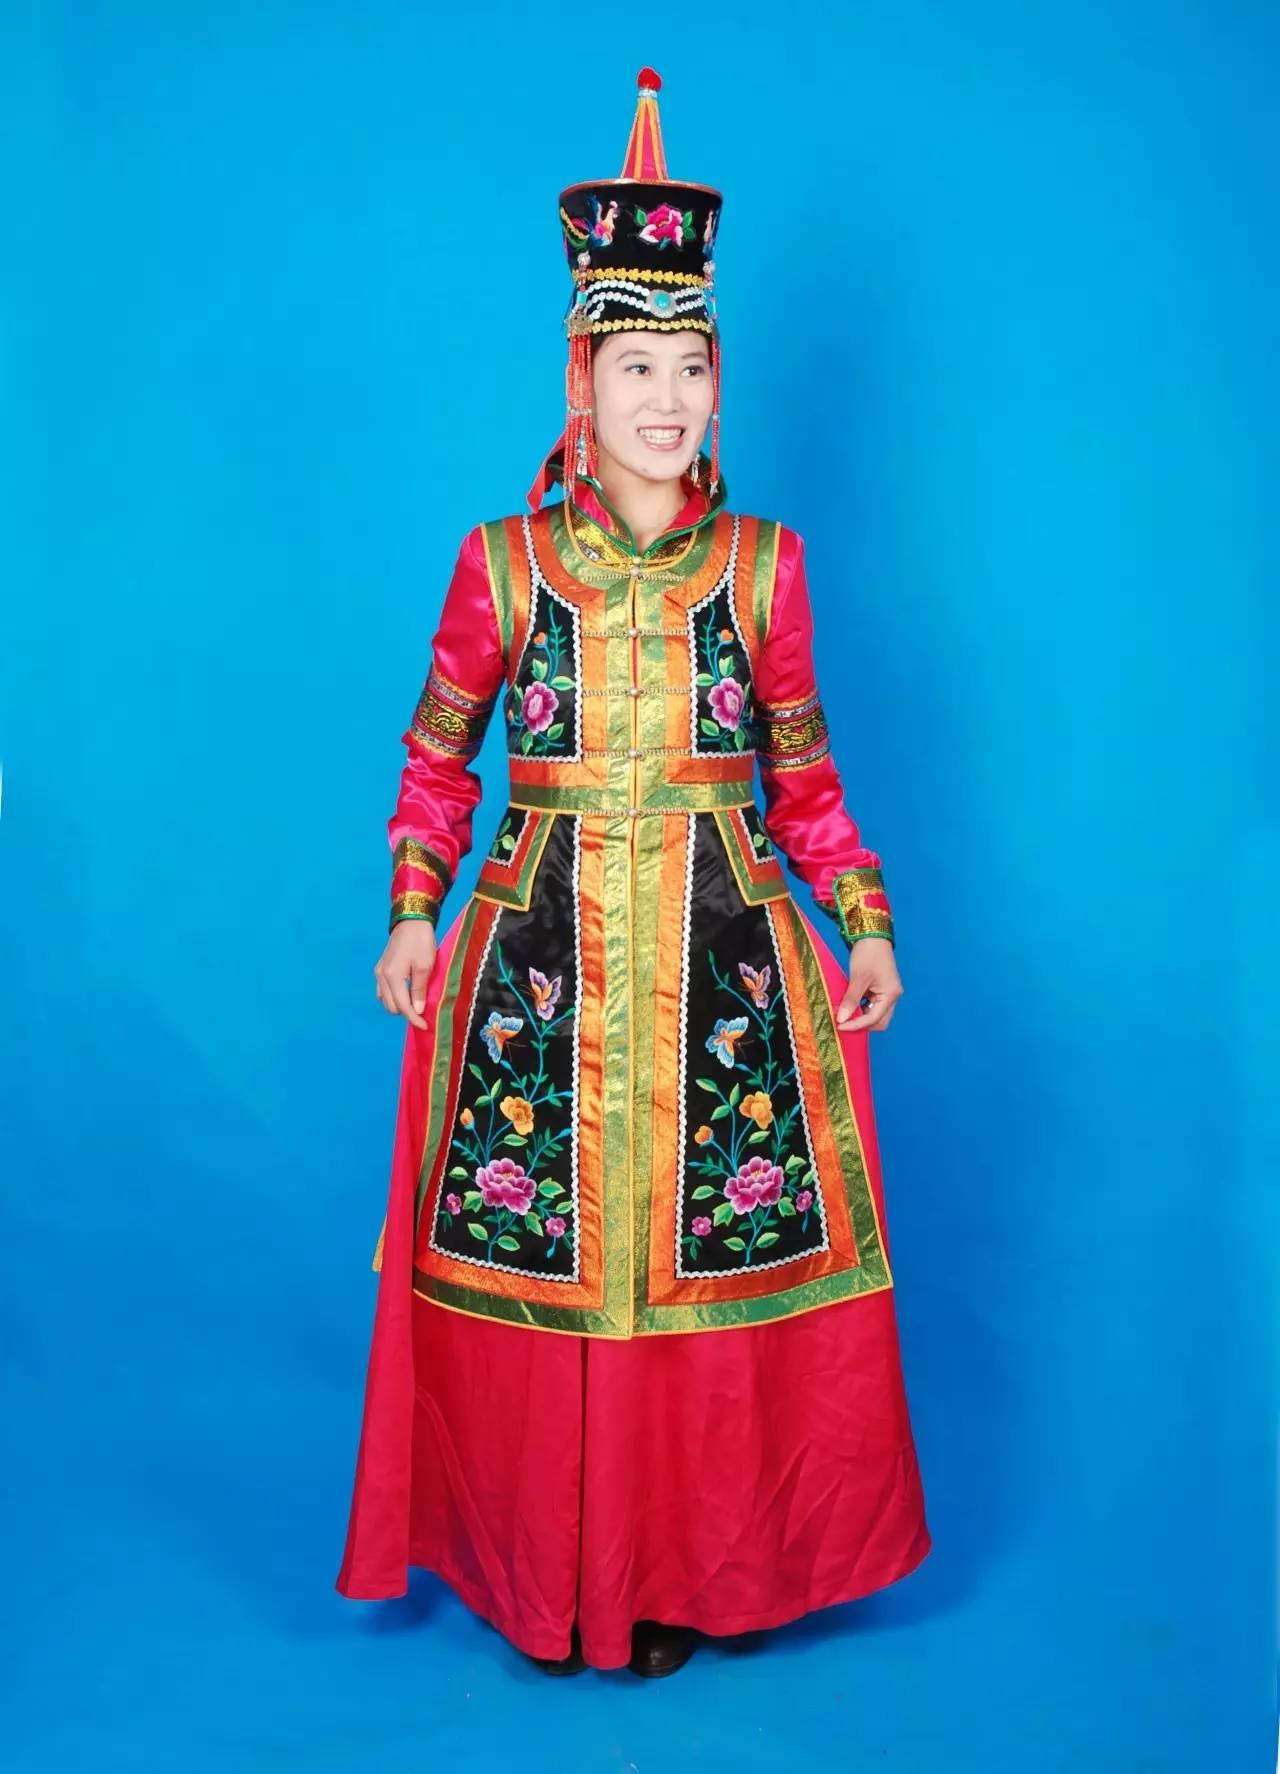 蒙古族刺绣非遗传承人——万花 第14张